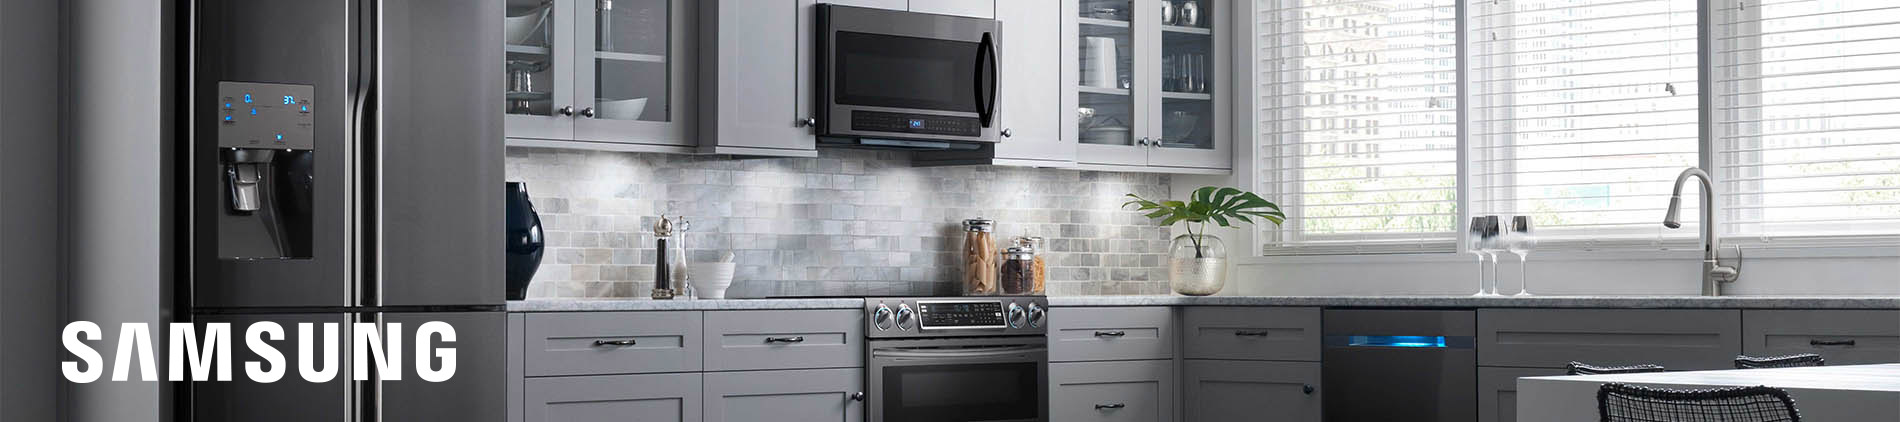 Samsung, Black, Stainless, Kitchen, Urban